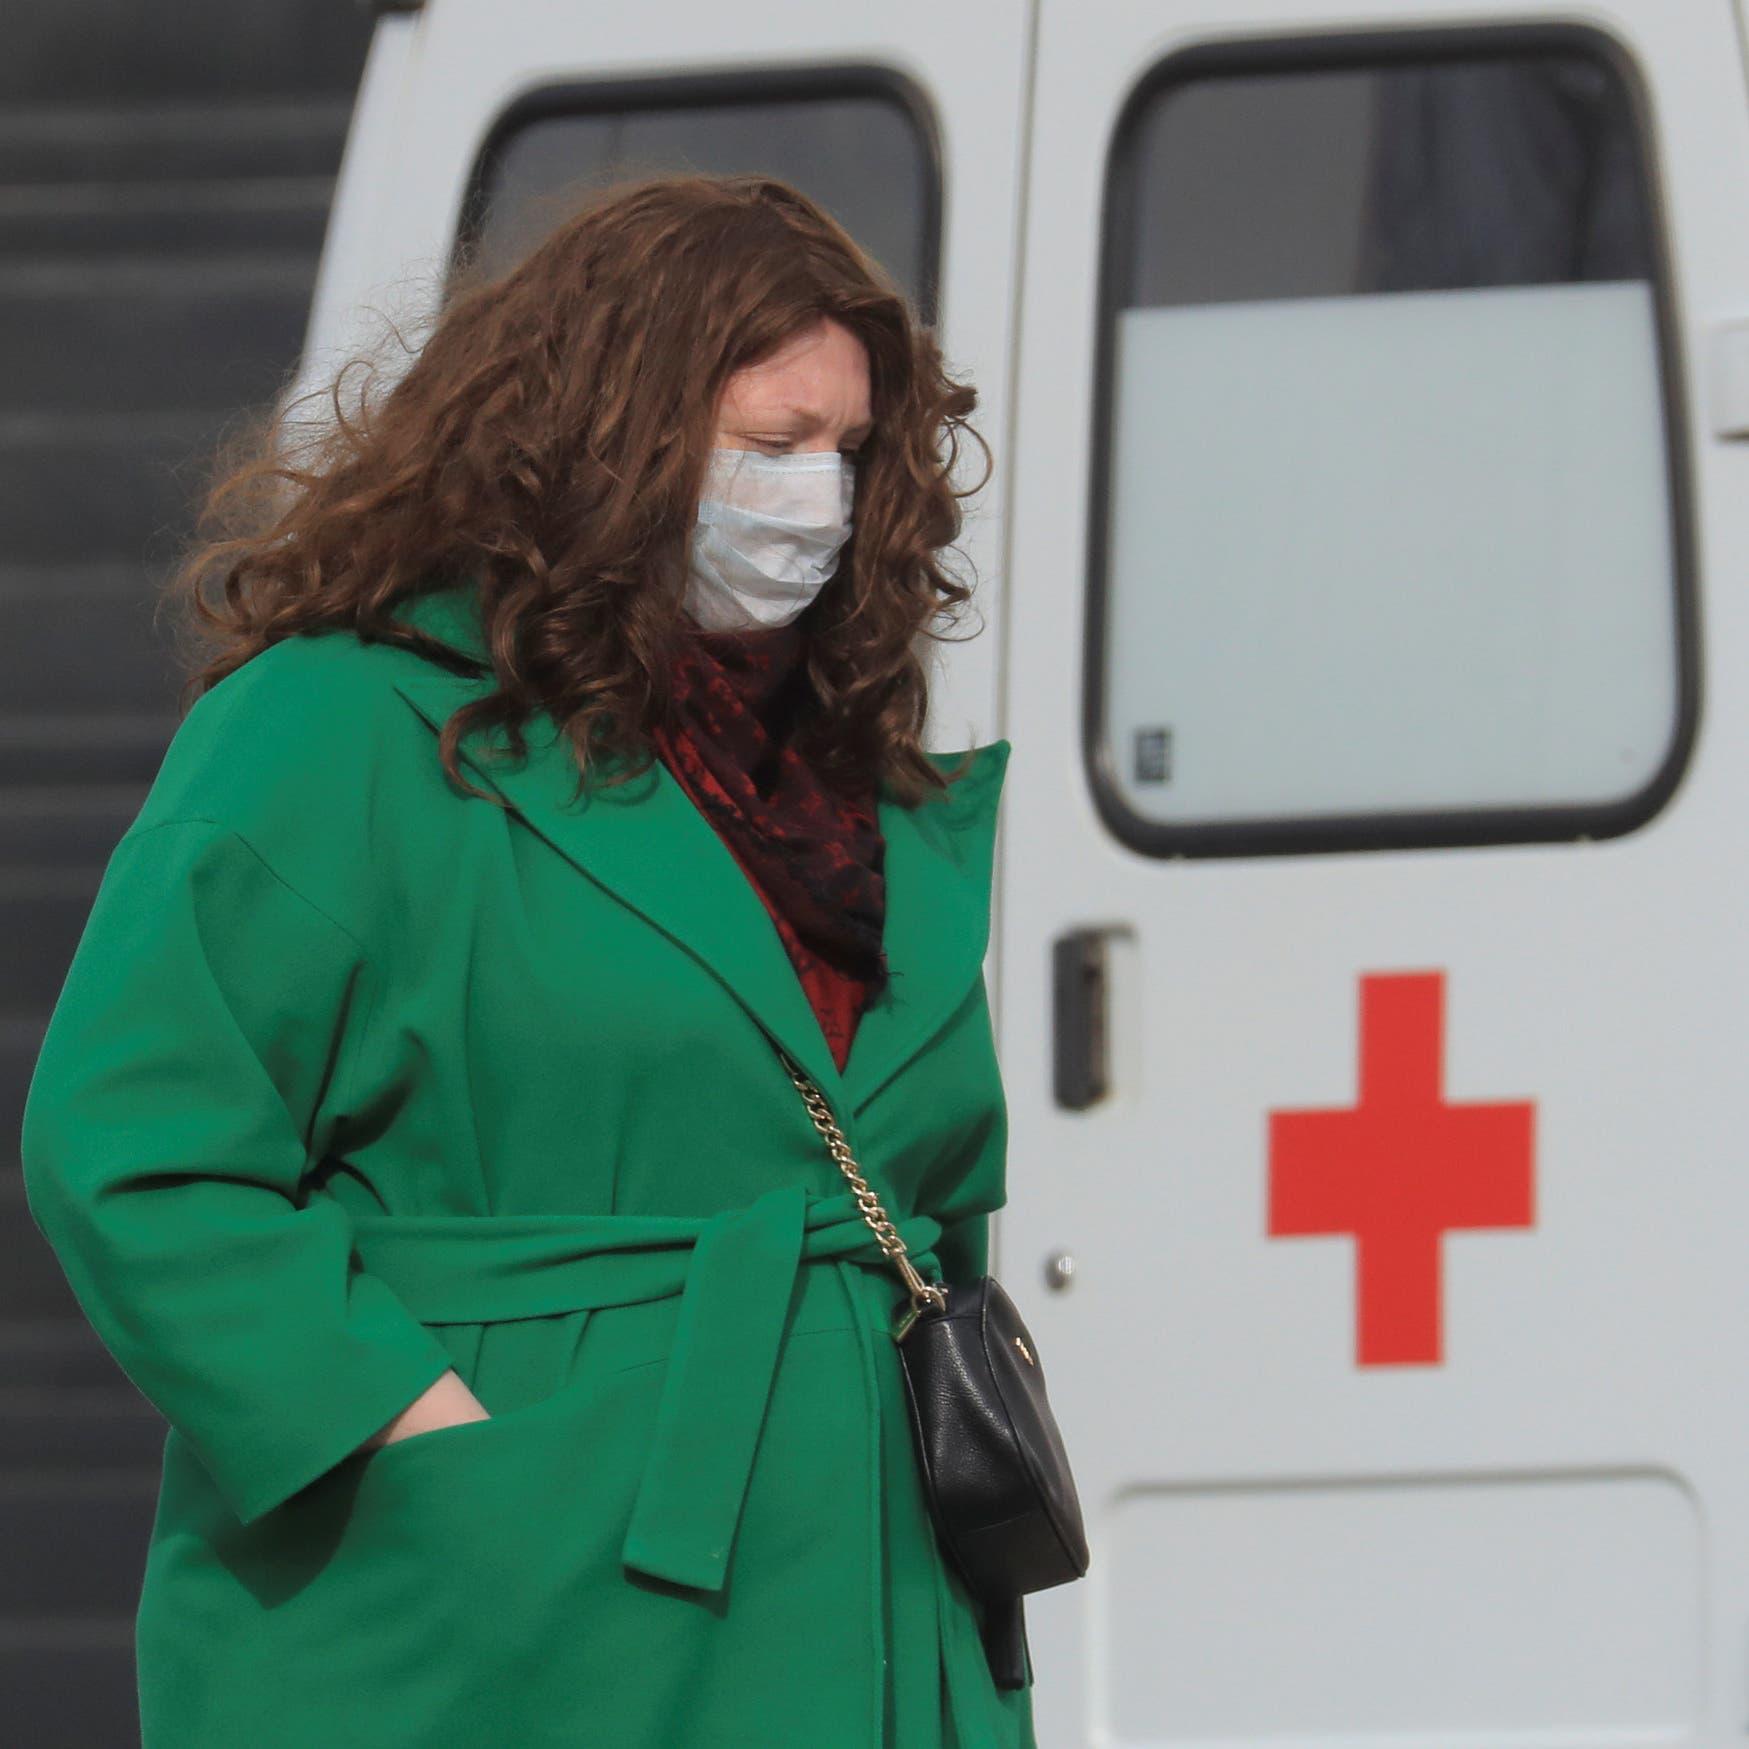 بعد إصابات قياسية بكورونا.. مستشفيات موسكو تقترب من الحدود القصوى